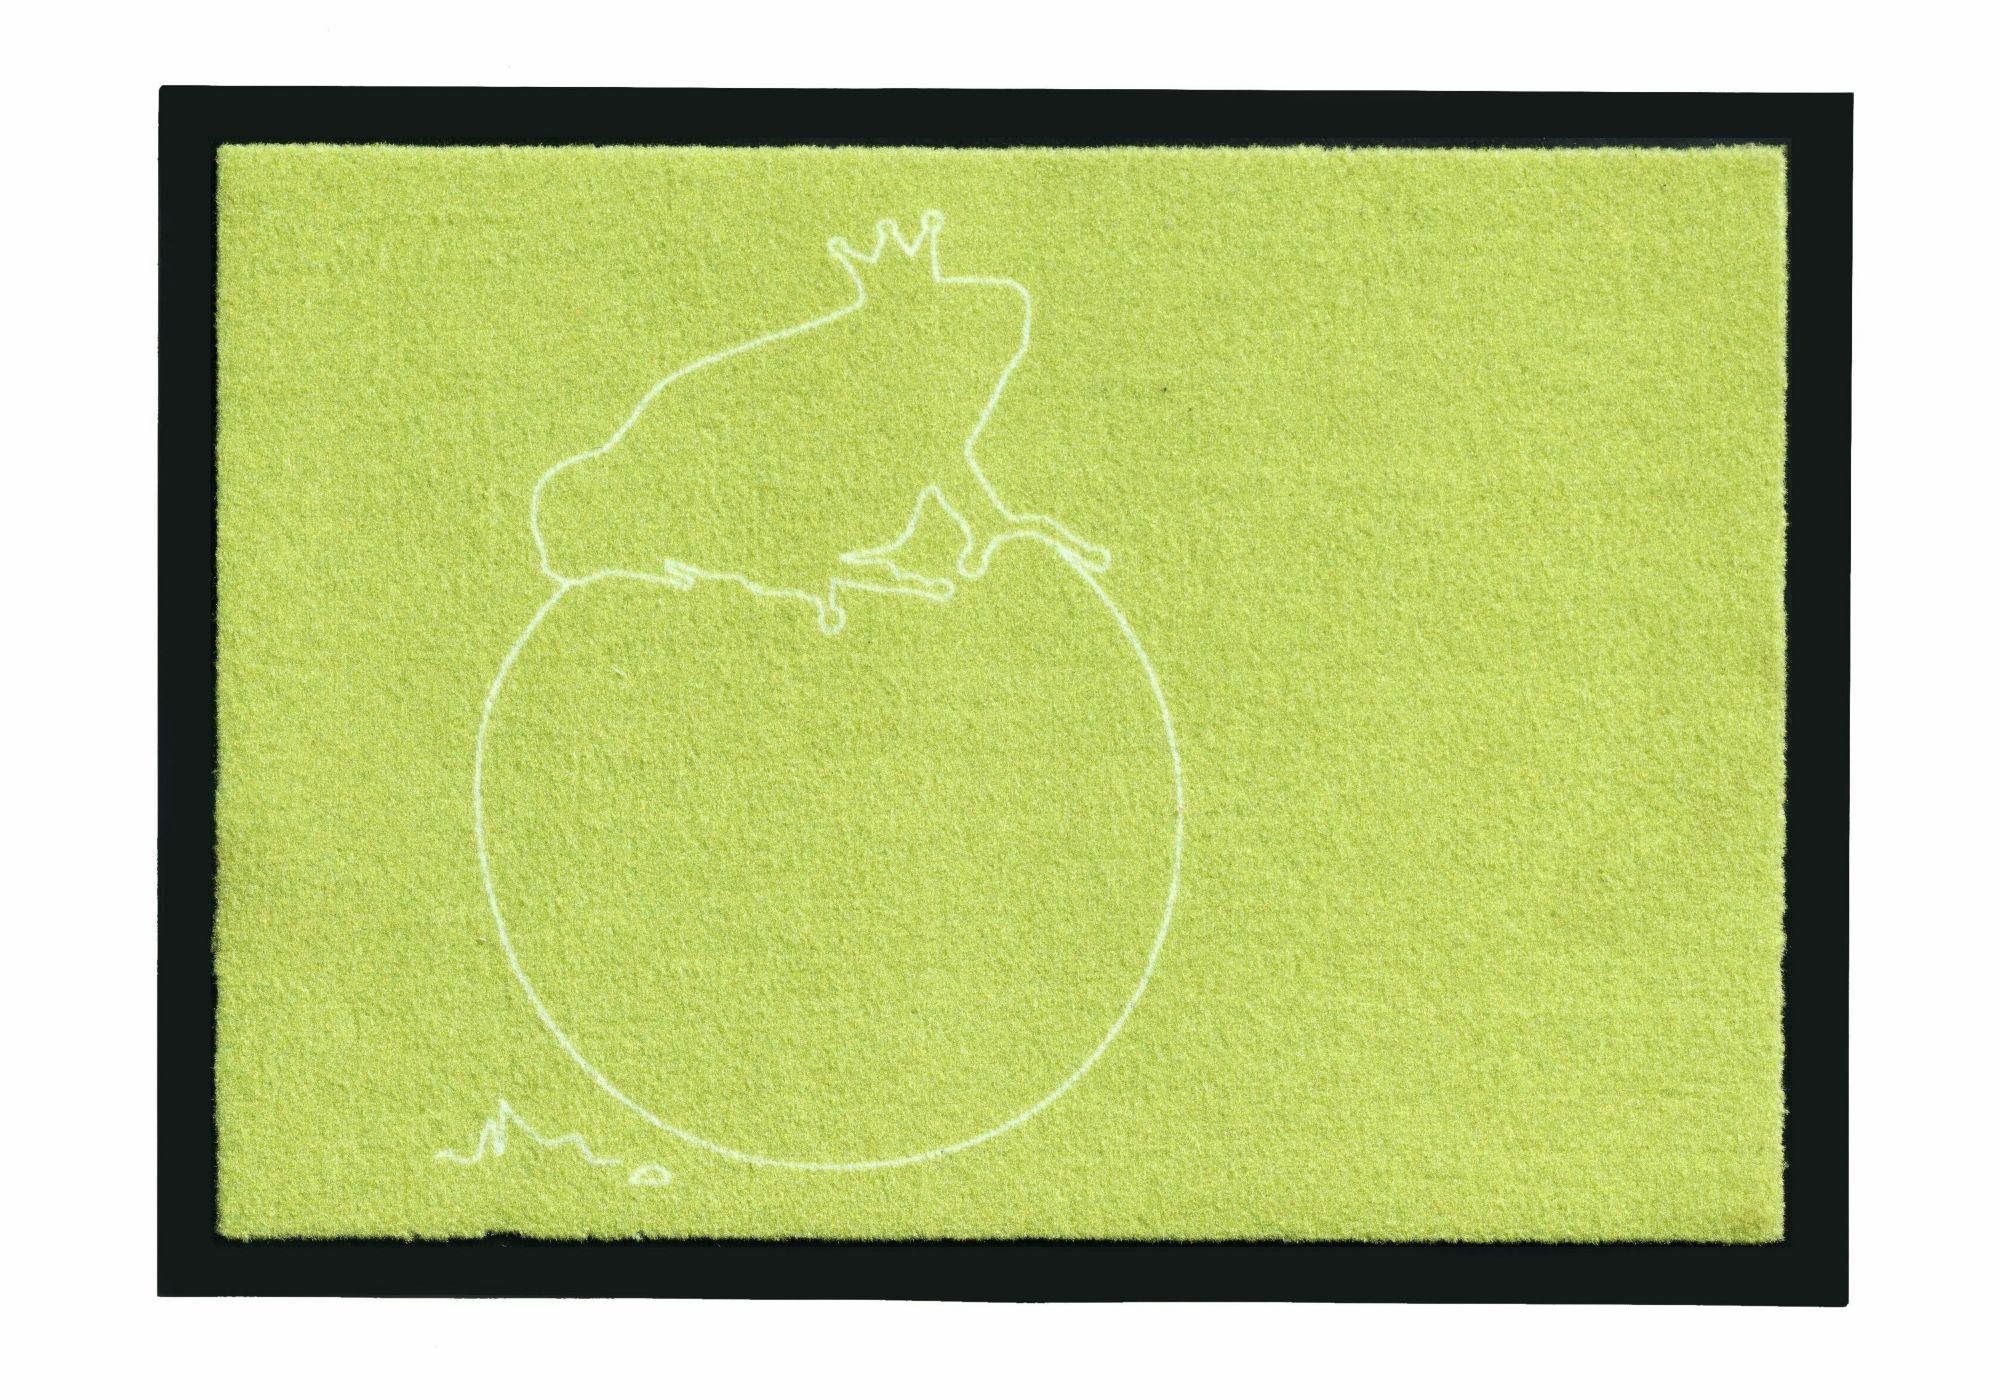 GRIMMLIIS Fußmatte, Grimmliis, »Märchen 2«, Höhe 2 mm,  rutschhemmend beschichtet